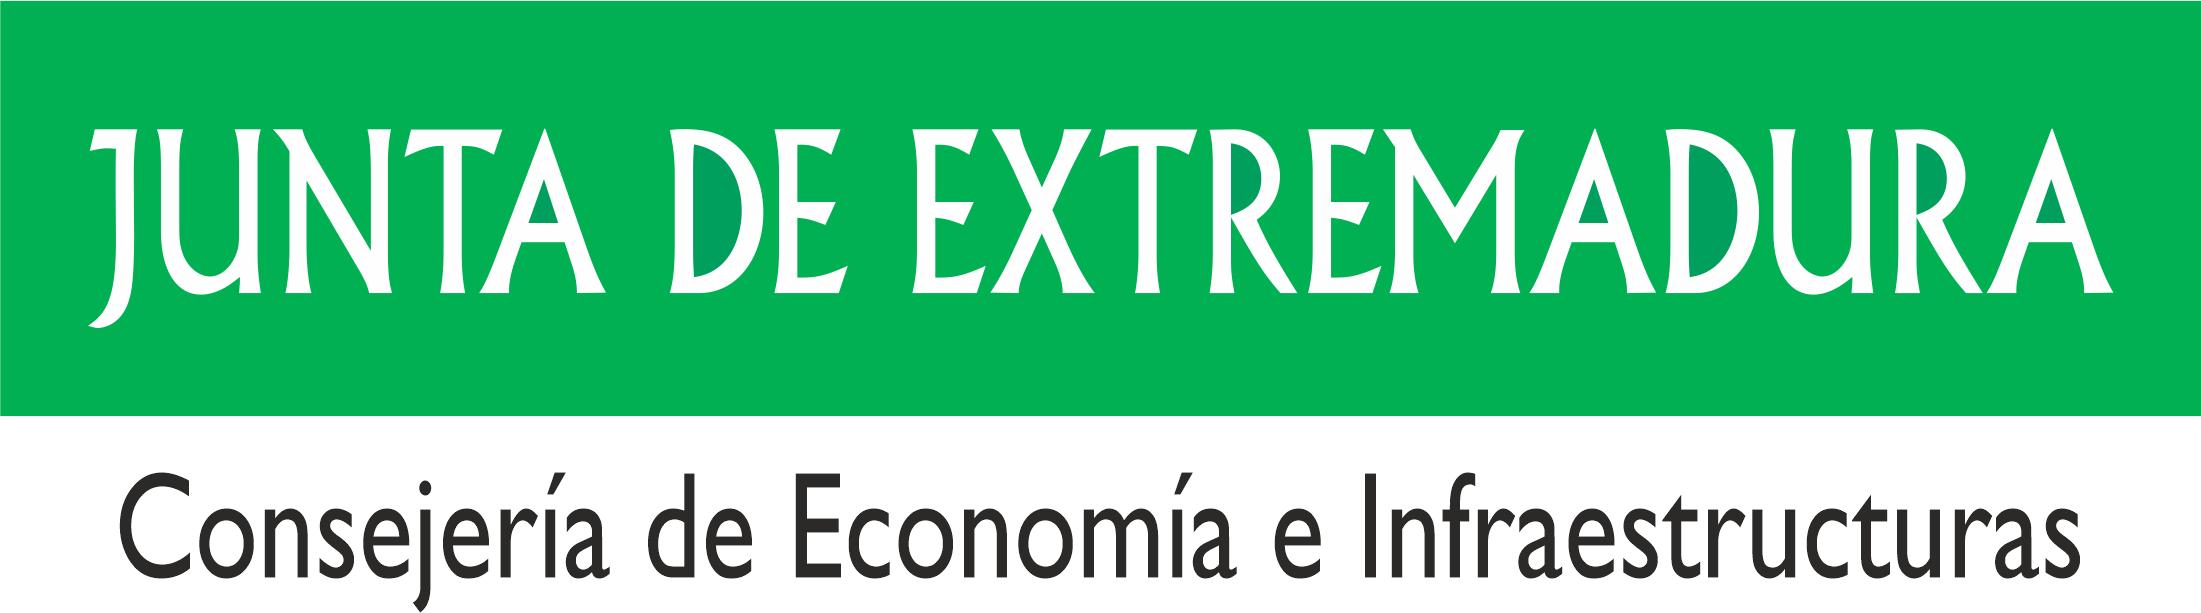 Consejería economía - infraestructuras